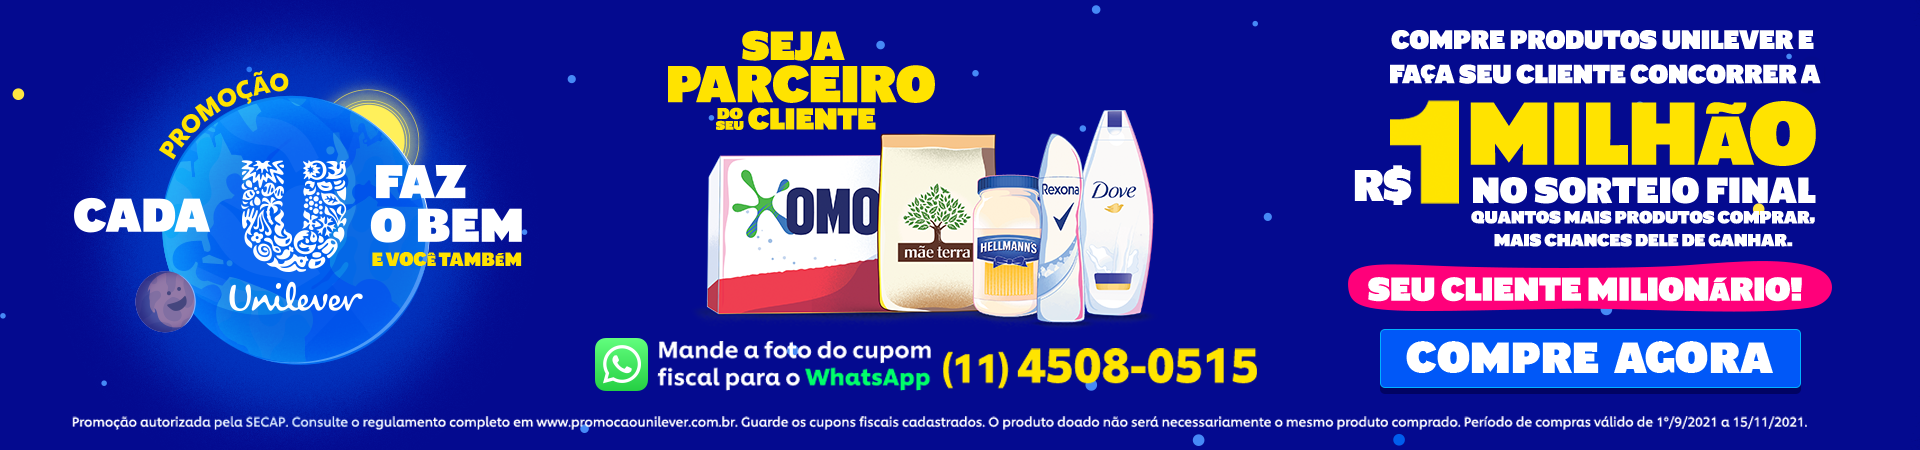 Banners Unilever Promoção - 01.09 a 15.11